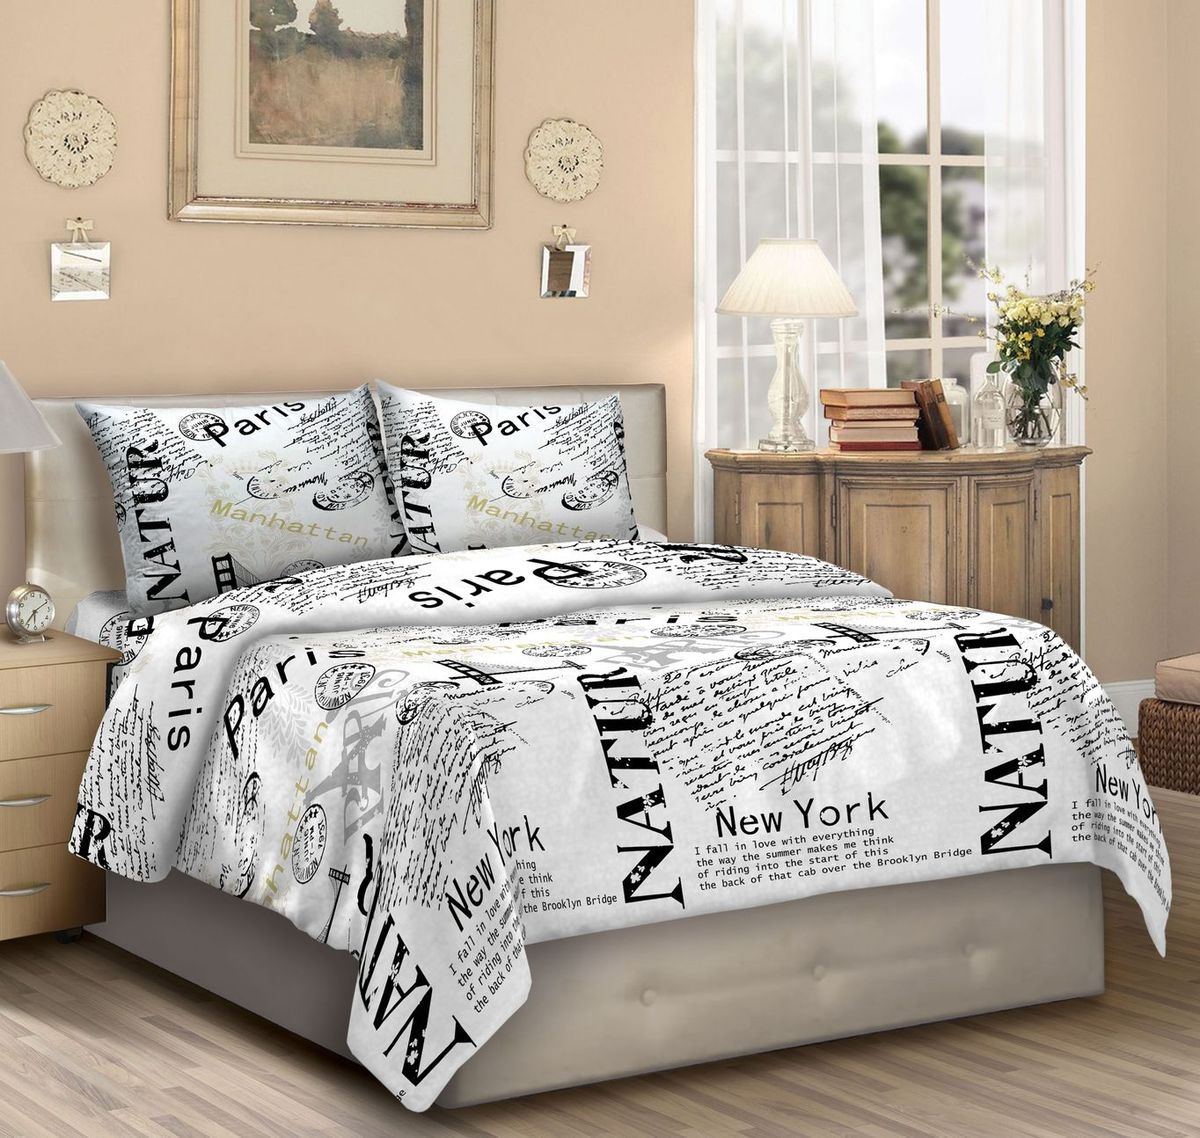 Комплект белья Seta Federico. Urbis, 2-спальный, наволочки 70х70015734268Бязевое белье выдерживает бесконечное число стирок, к тому же стоит сравнительно недорого. Лучшее соотношение цены, качества ткани и современных дизайнов.